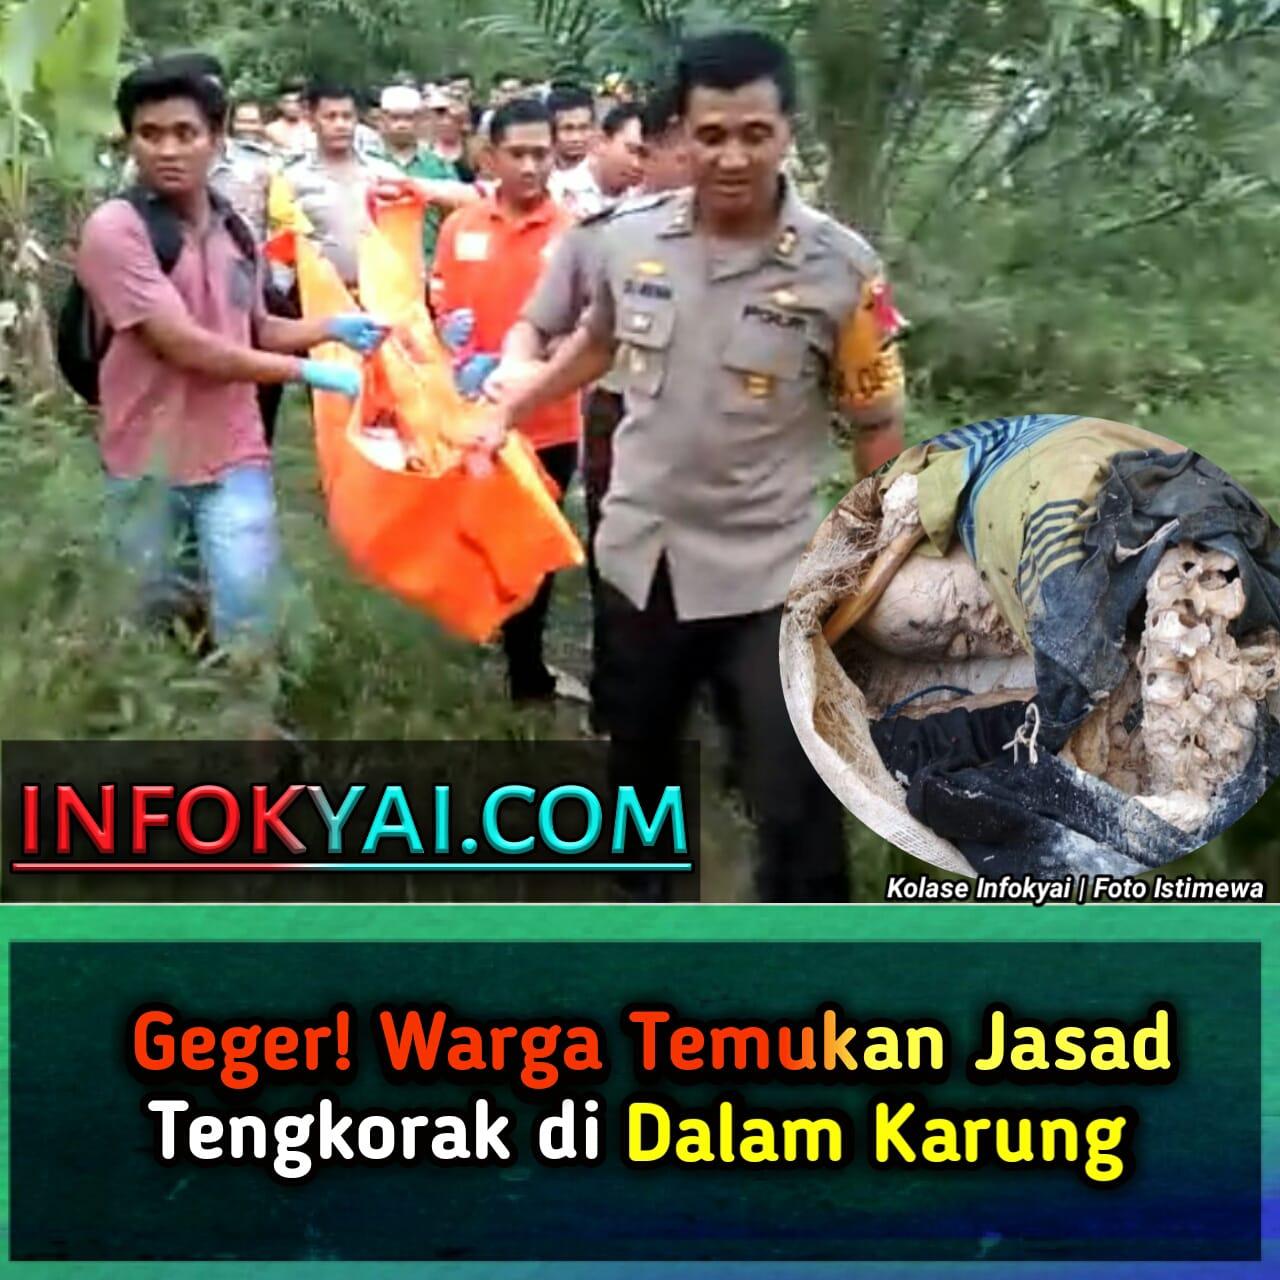 Mayat Dalam Karung: Geger! Warga Temukan Jasad Tengkorak Di Dalam Karung